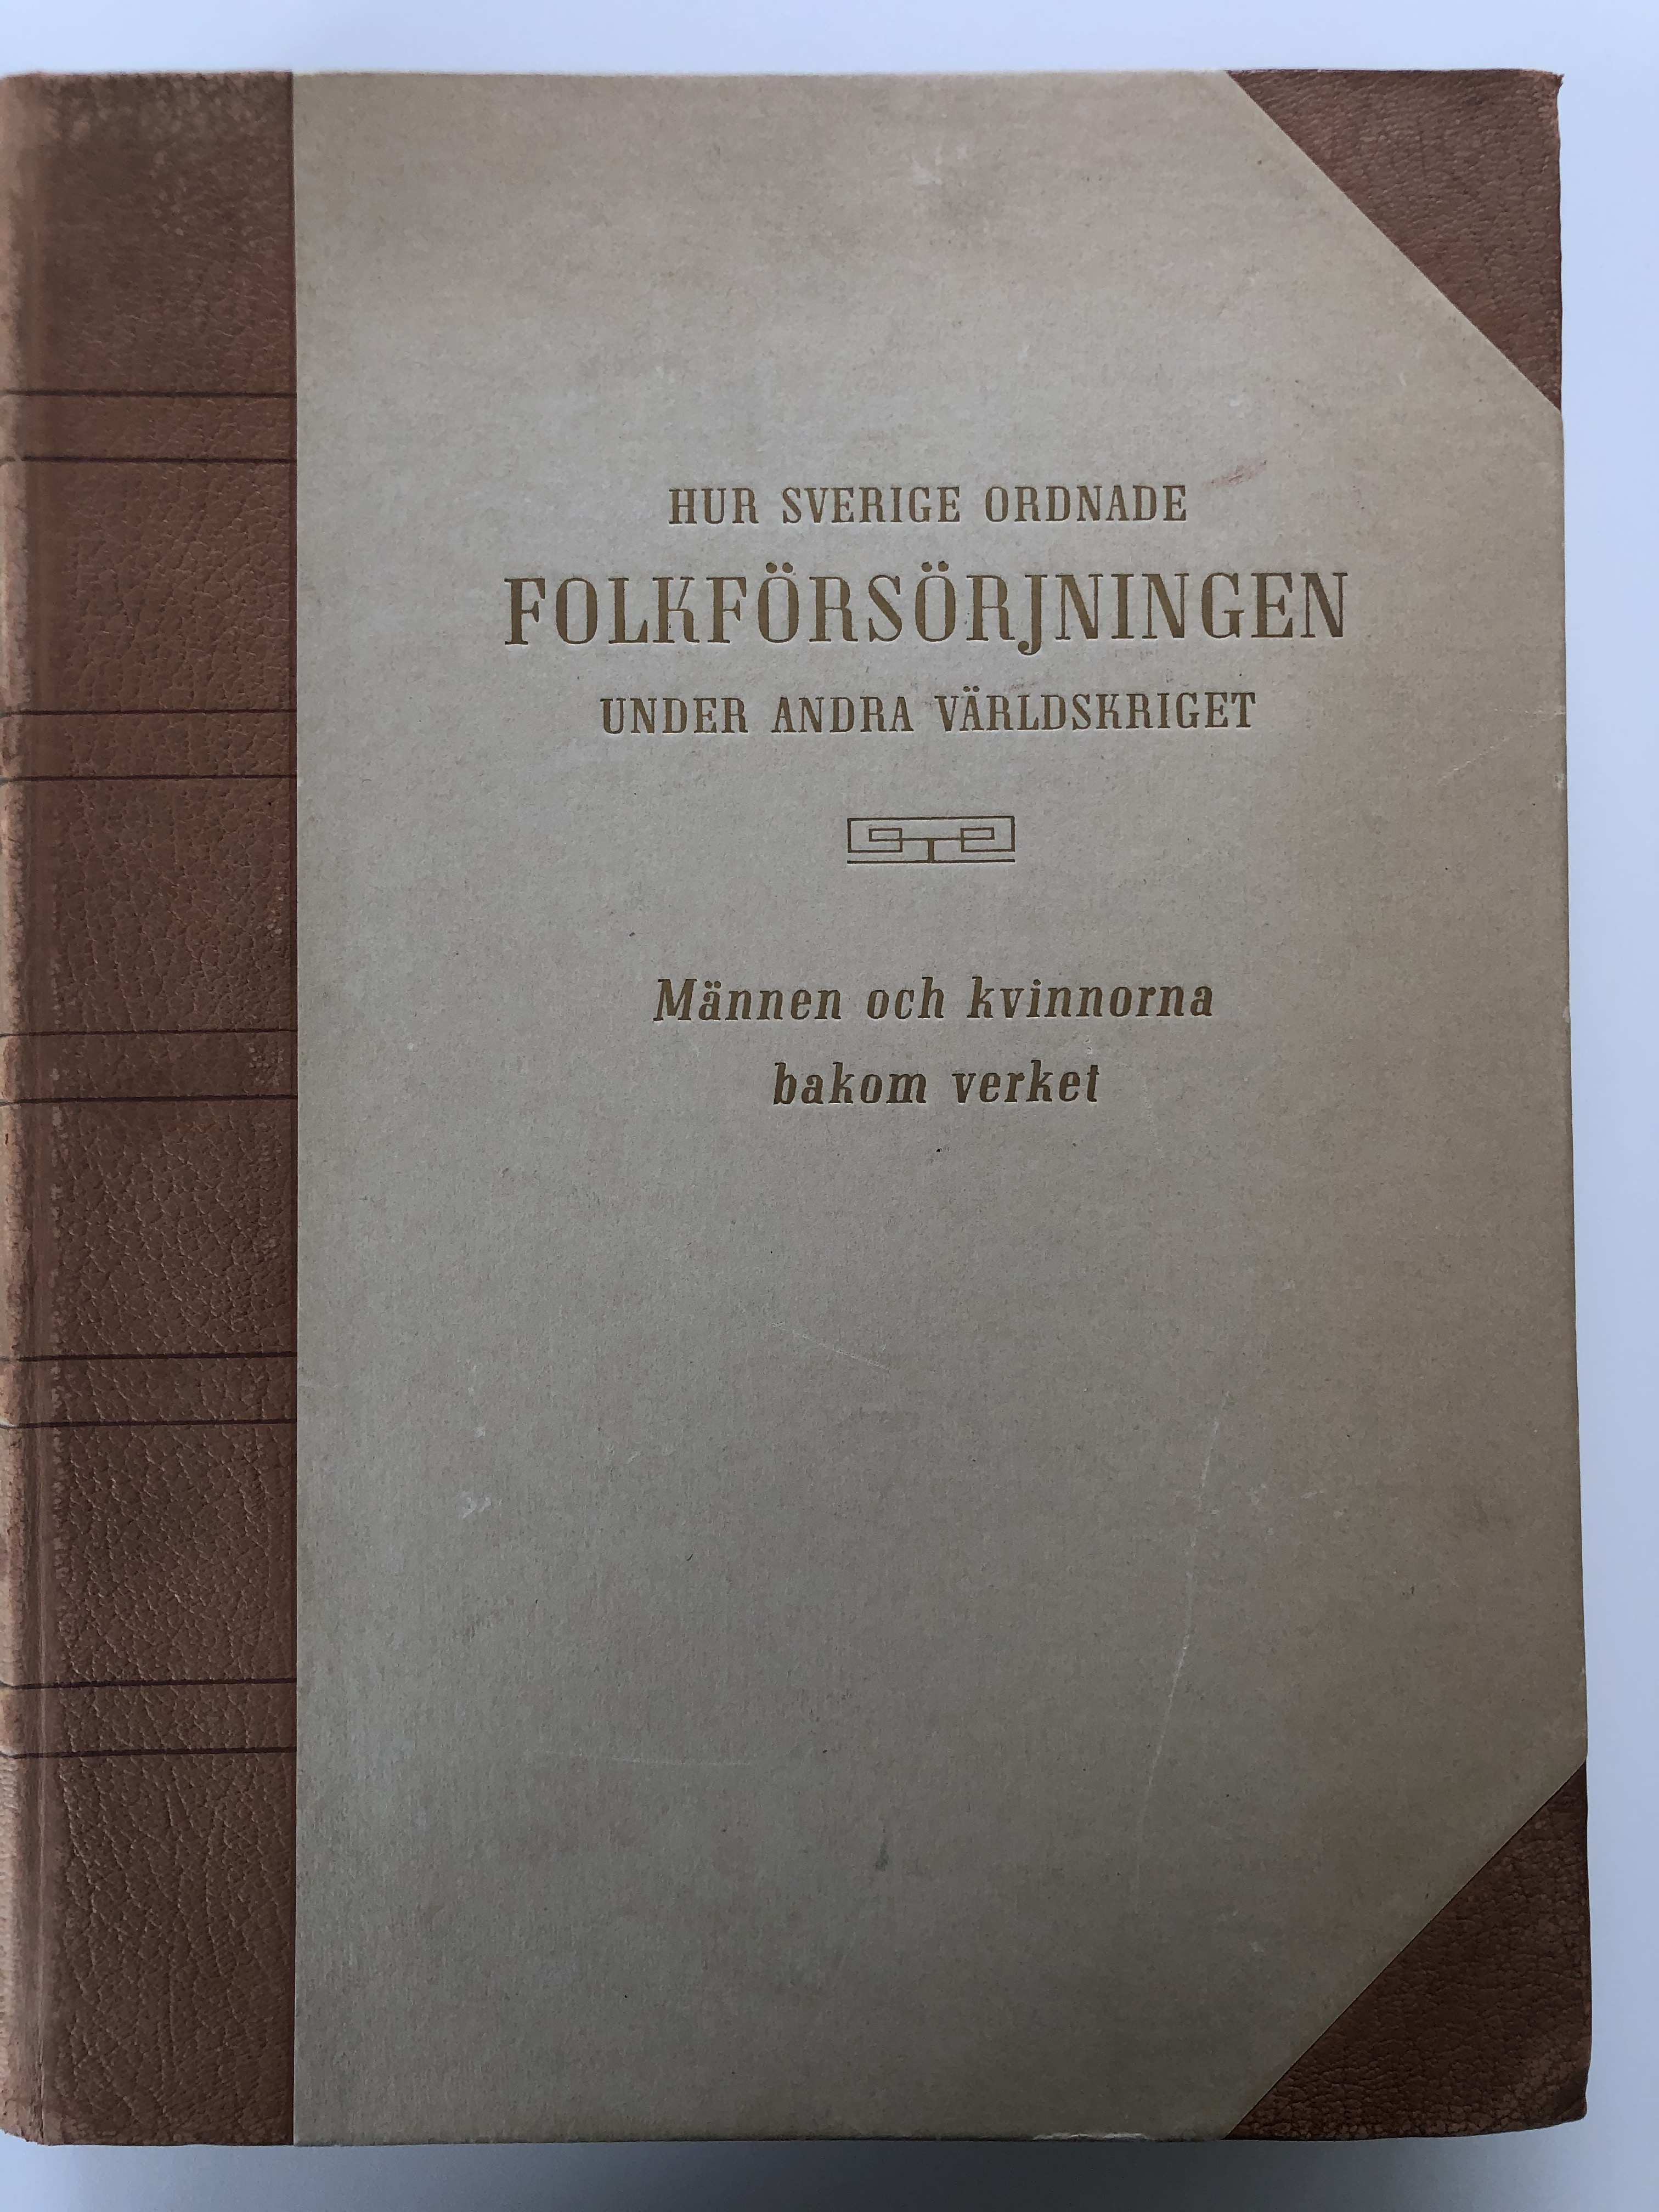 Ransoneringslitteratur (10)